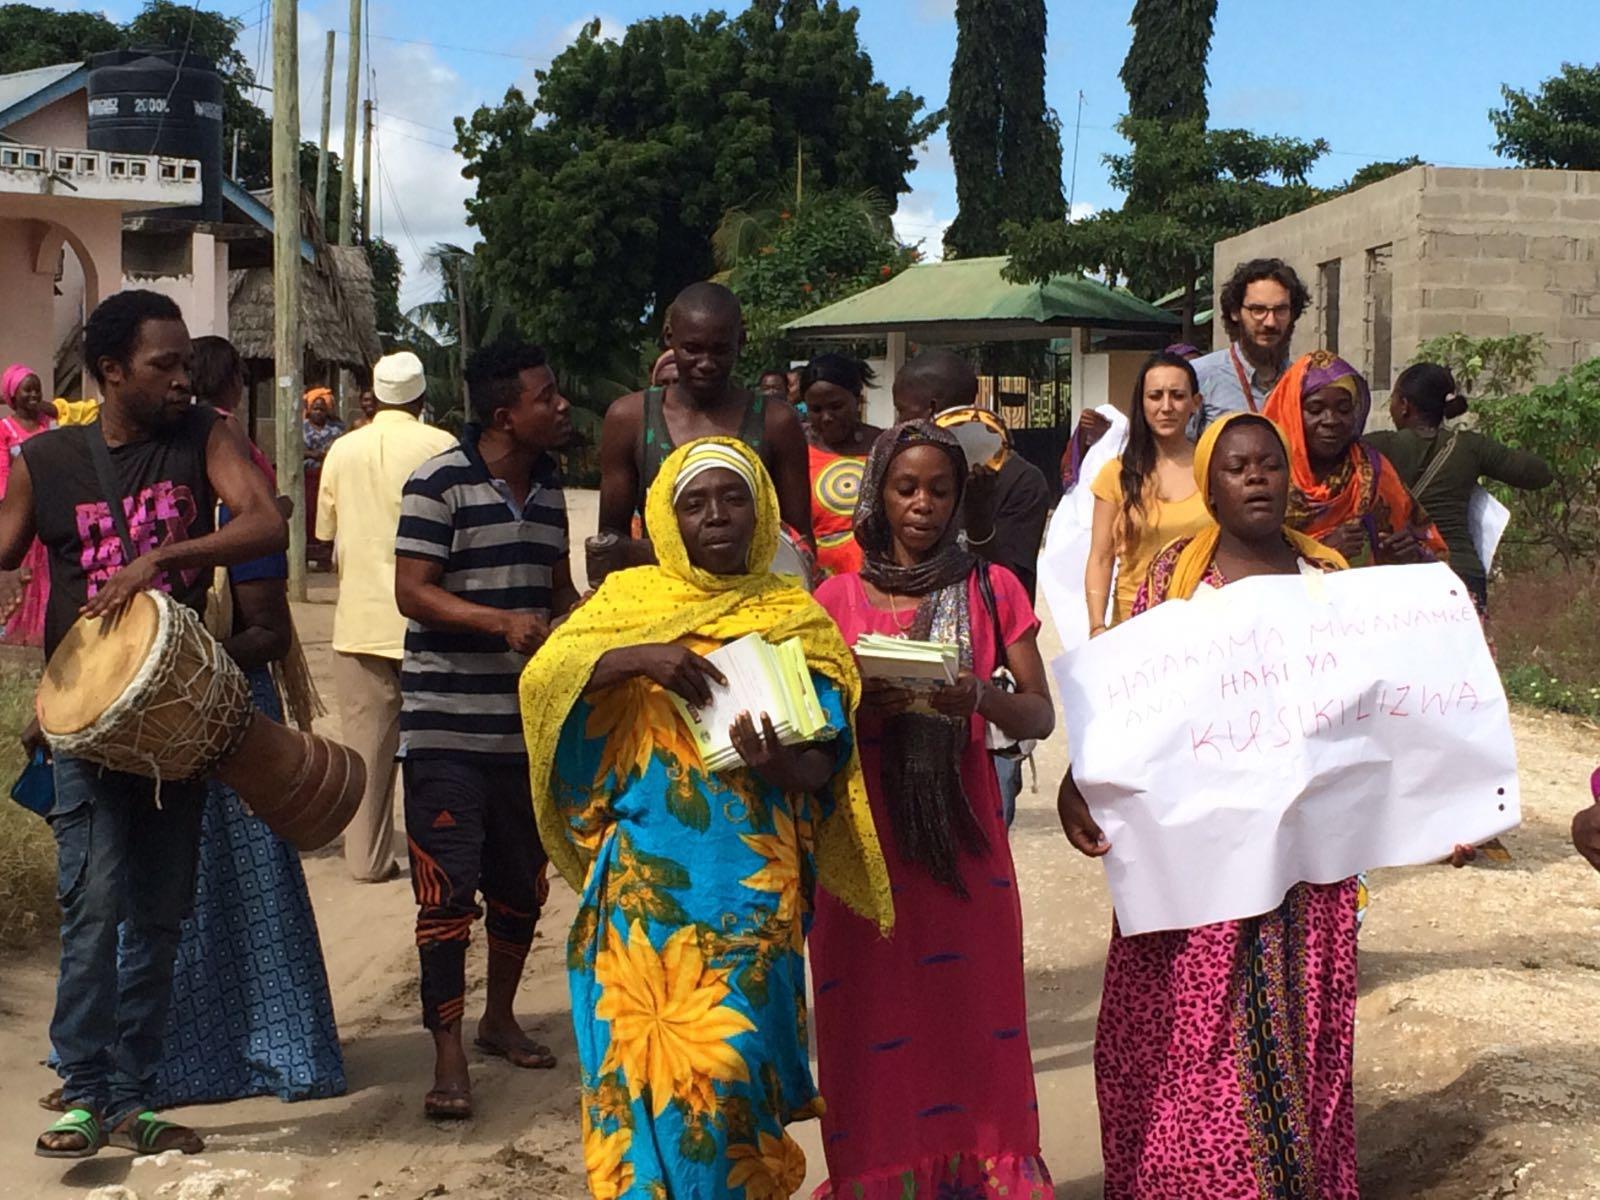 I volontari CVM in Tanzania, a destra, dietro, durante una delle iniziative organizzate a Bagamoyo.